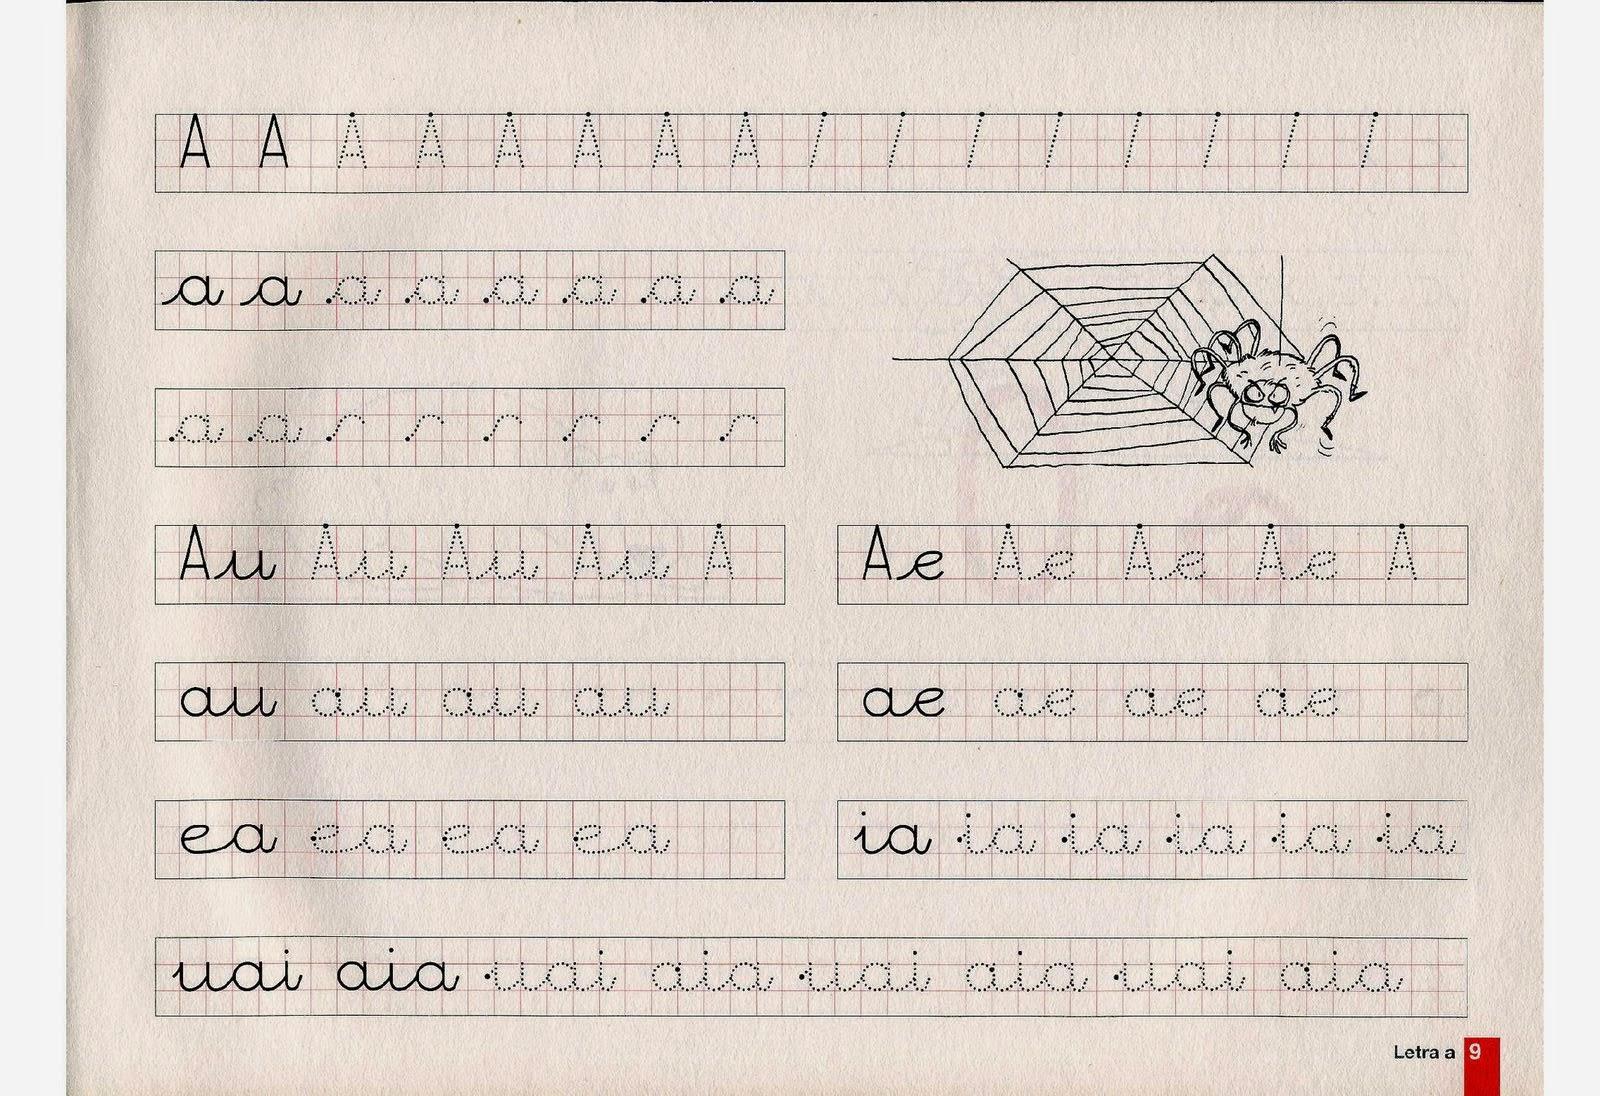 Atividades prontas para imprimir Atividades de caligrafia das